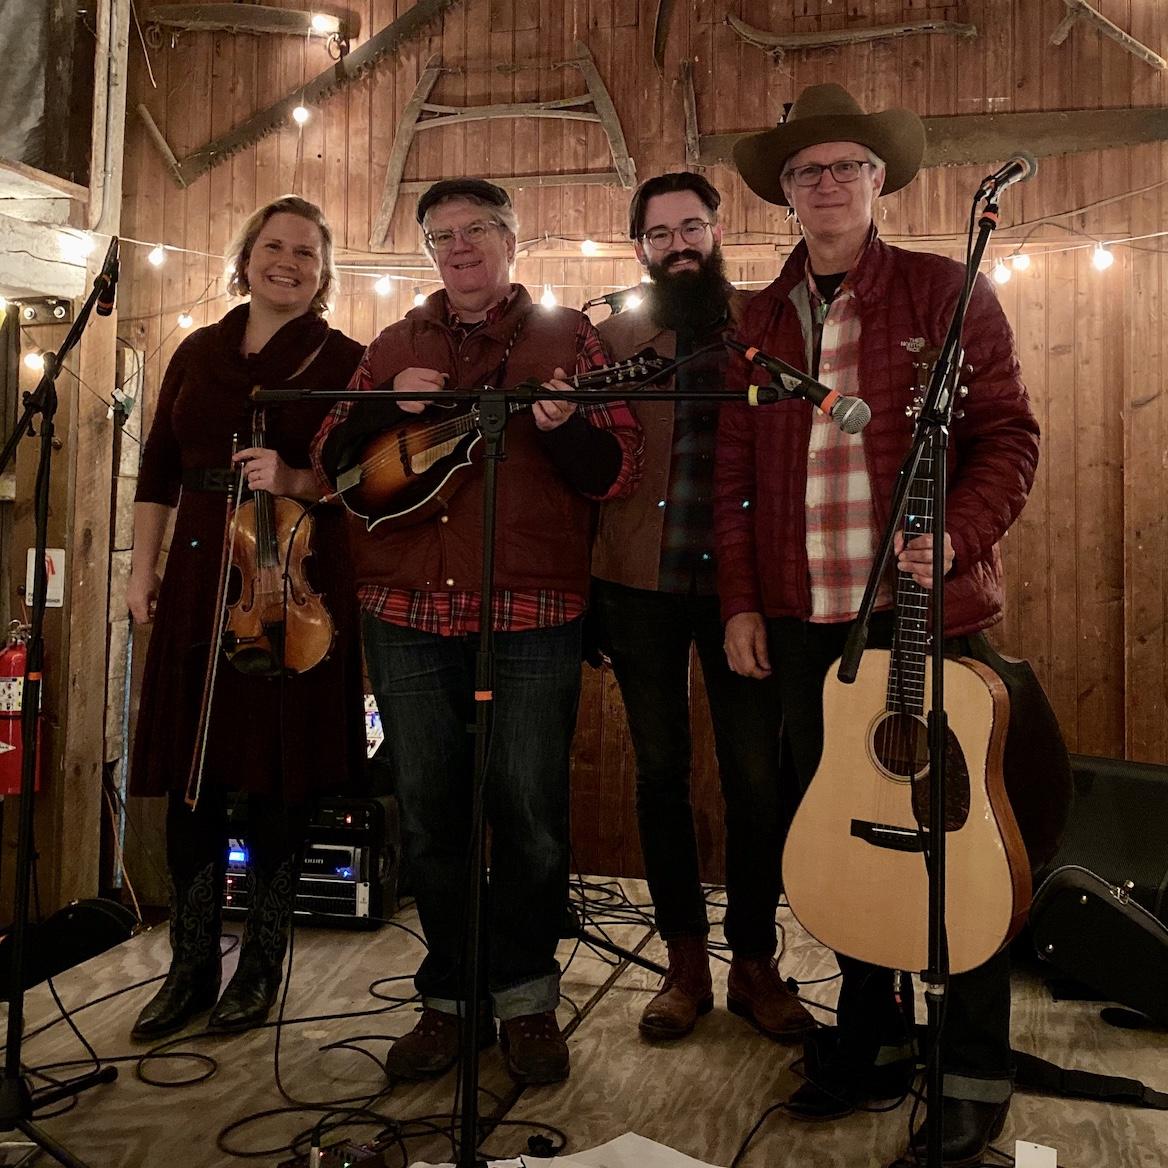 Band photo in a barn